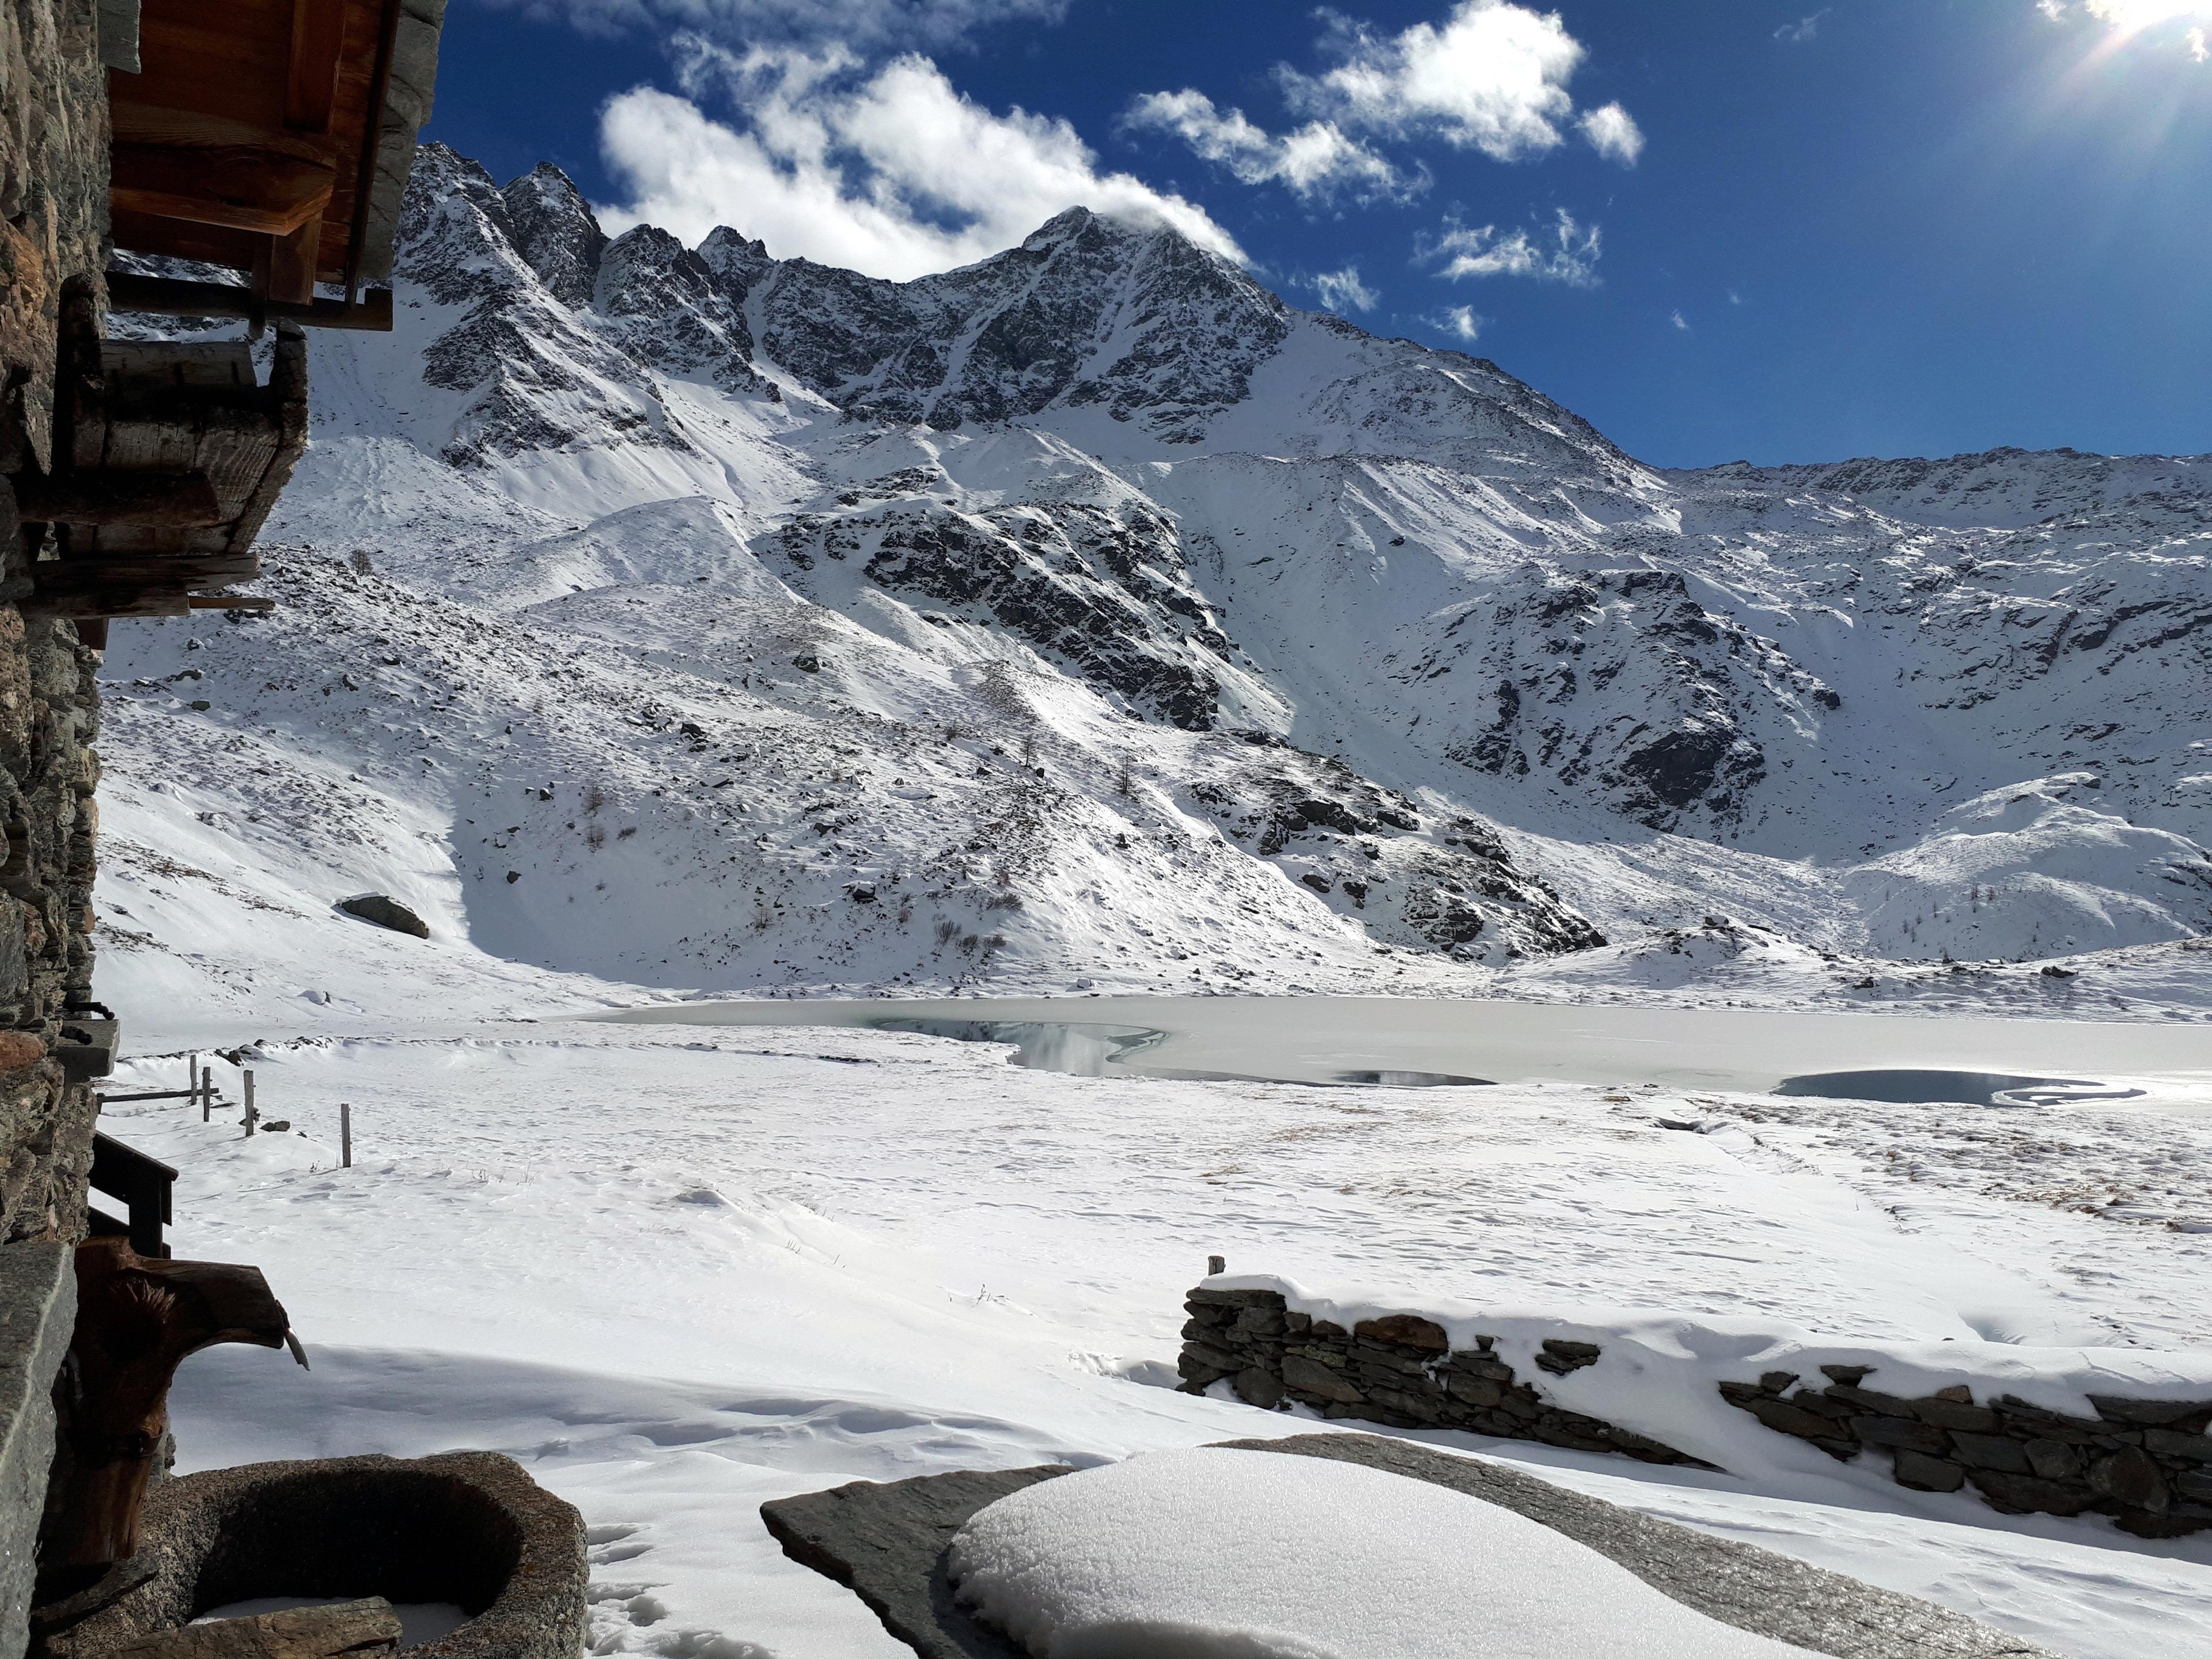 altra vista del Pizzo Stella con il suo bel lago ormai quasi del tutto ghiacciato